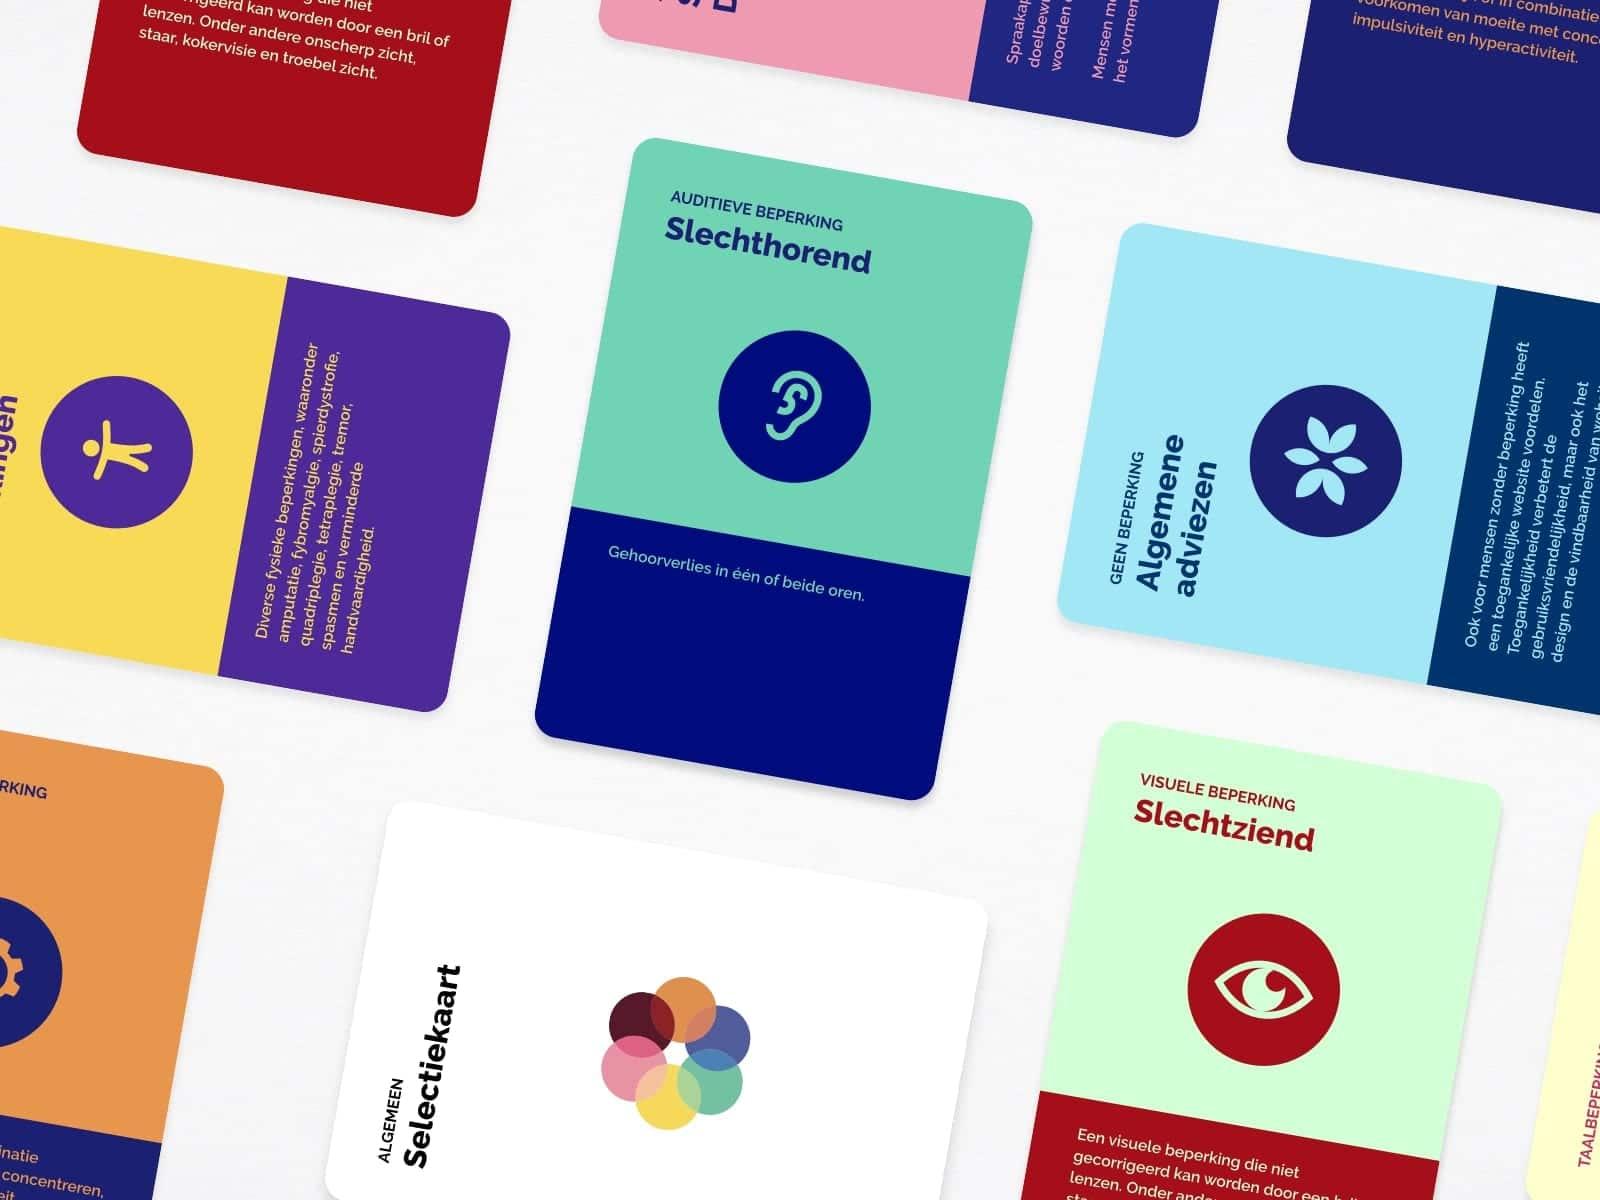 afbeelding met de kaartjes van het kaartspel Denken in beperkingen